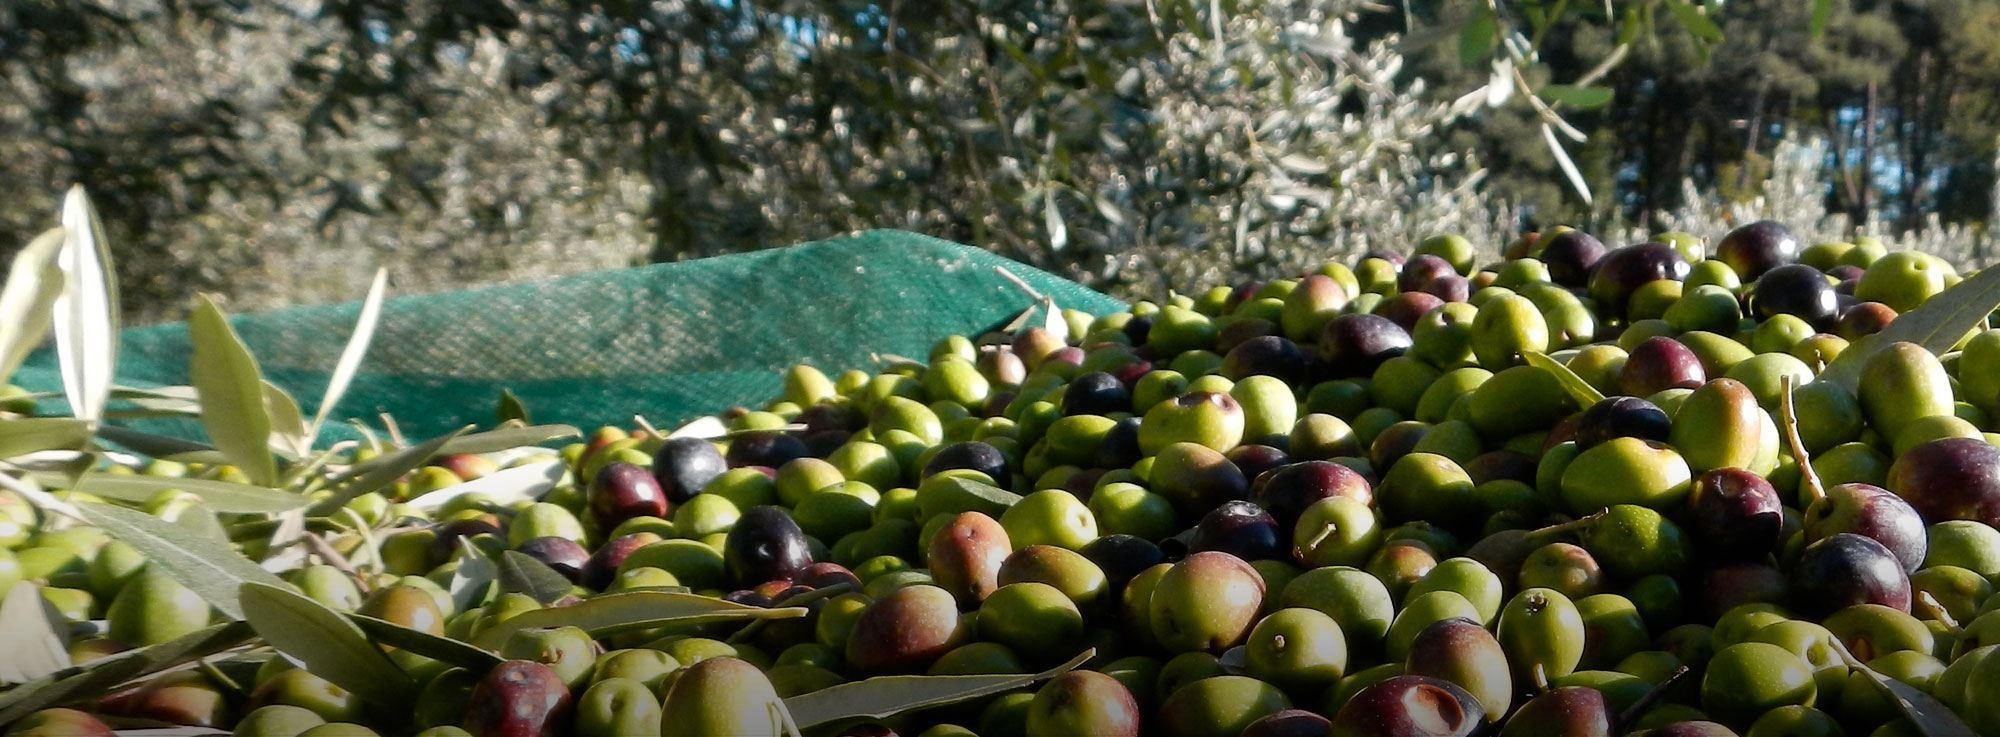 Raccolta delle olive tra ottobre e novembre la tradizione for Raccolta olive periodo